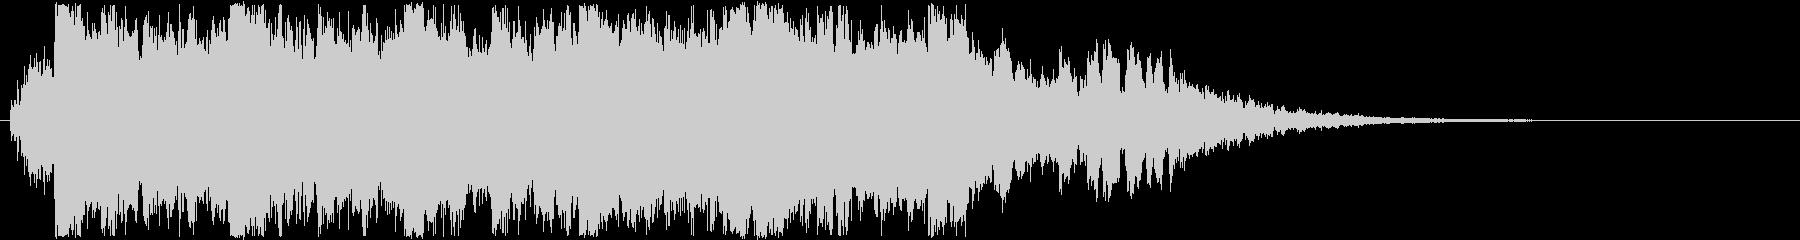 壮大なジングル・ファンファーレの未再生の波形